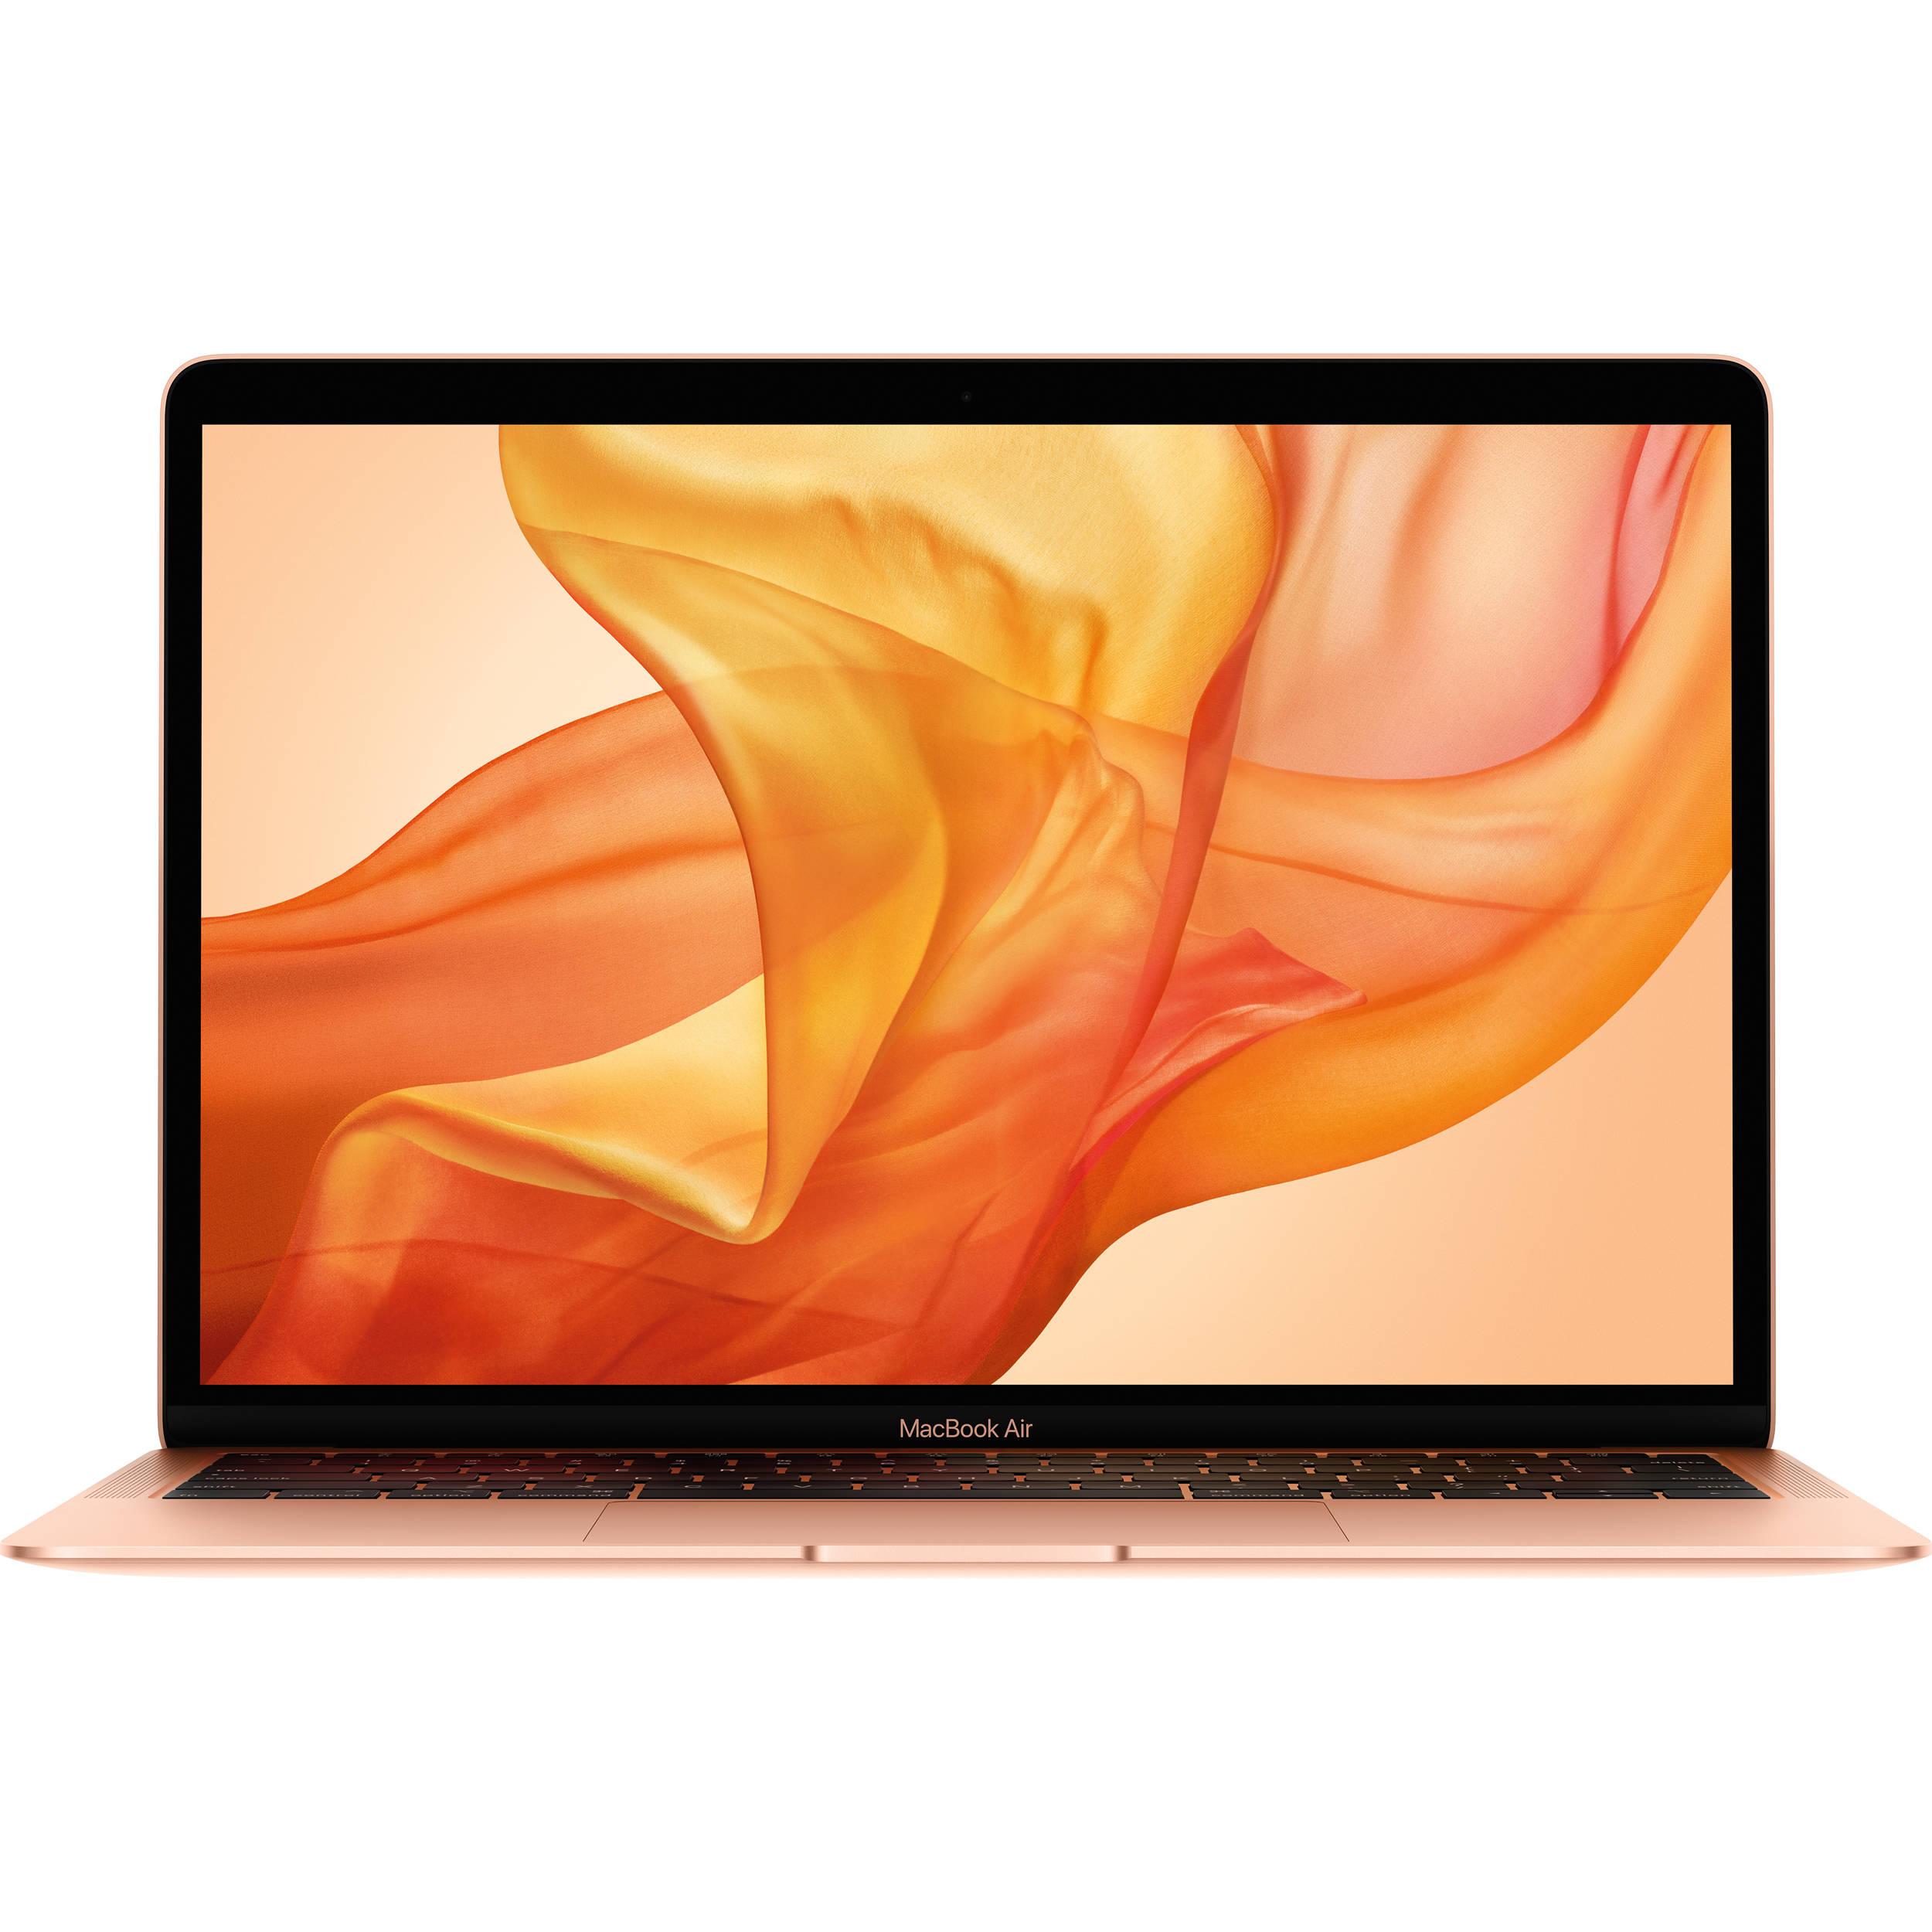 Macbook Air 13 Inch 2018 Core I5 8GB 128GB SSD / 99%